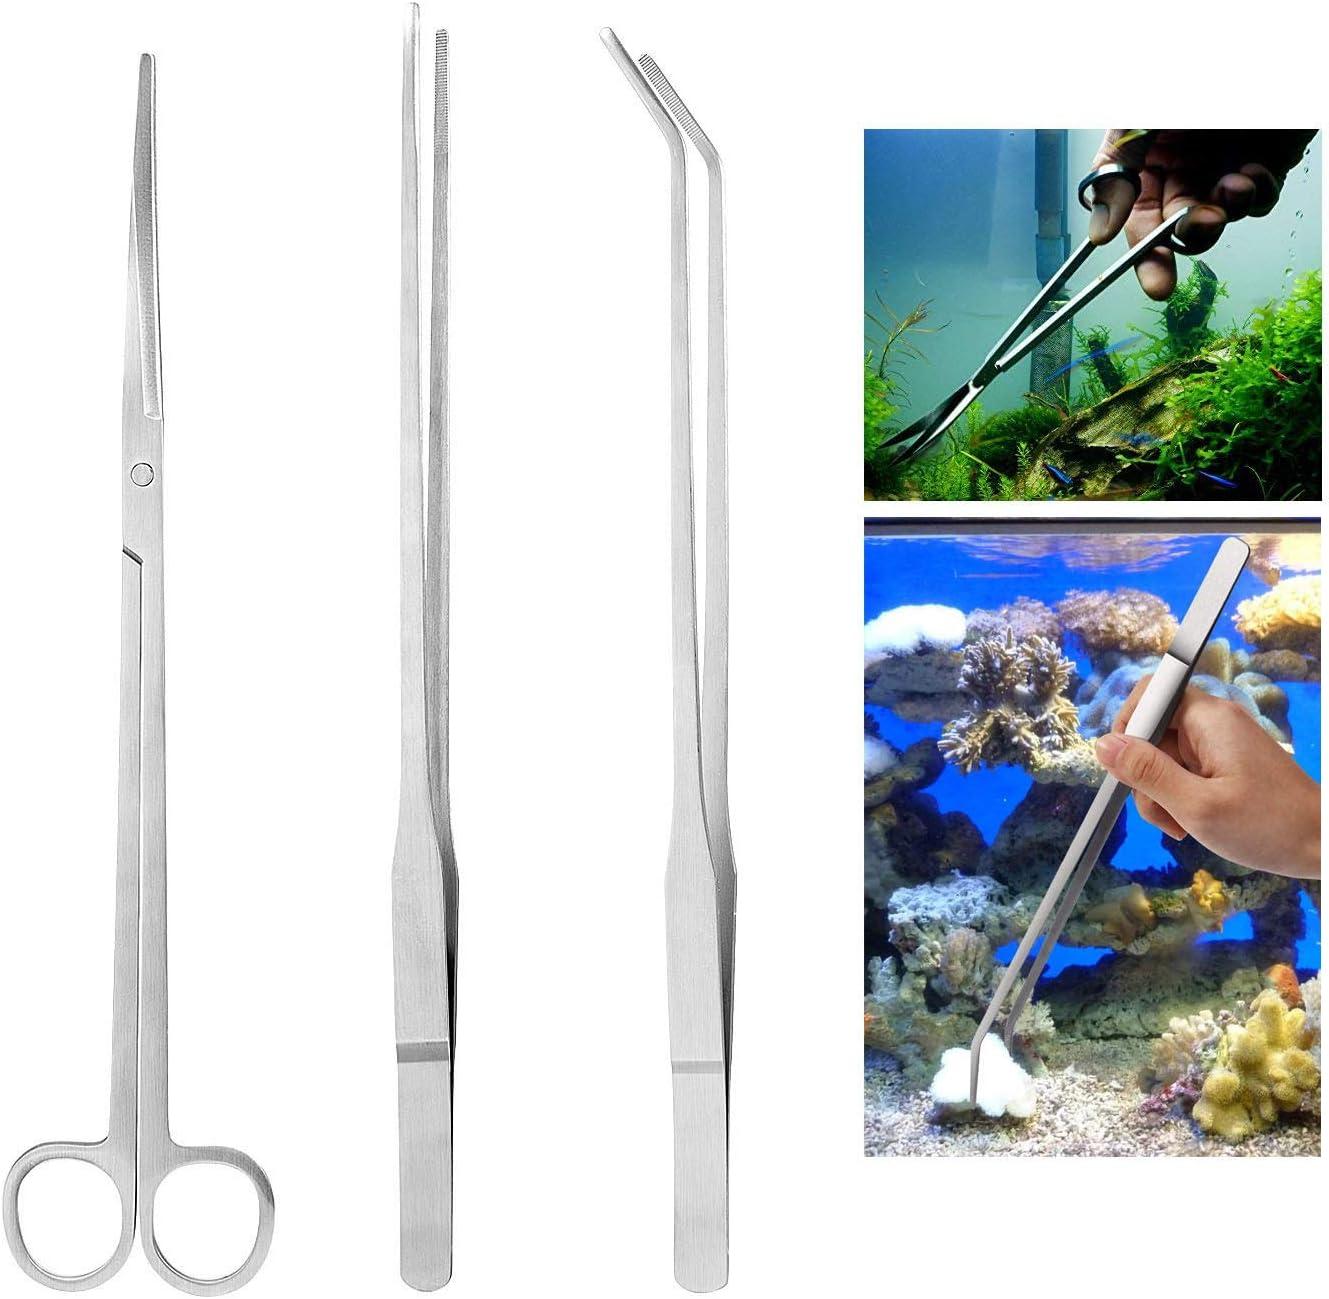 Czemo Aquarium Aquascaping Kit de Acero Inoxidable Acuario Tanque Planta Acuática Herramientas Conjuntos